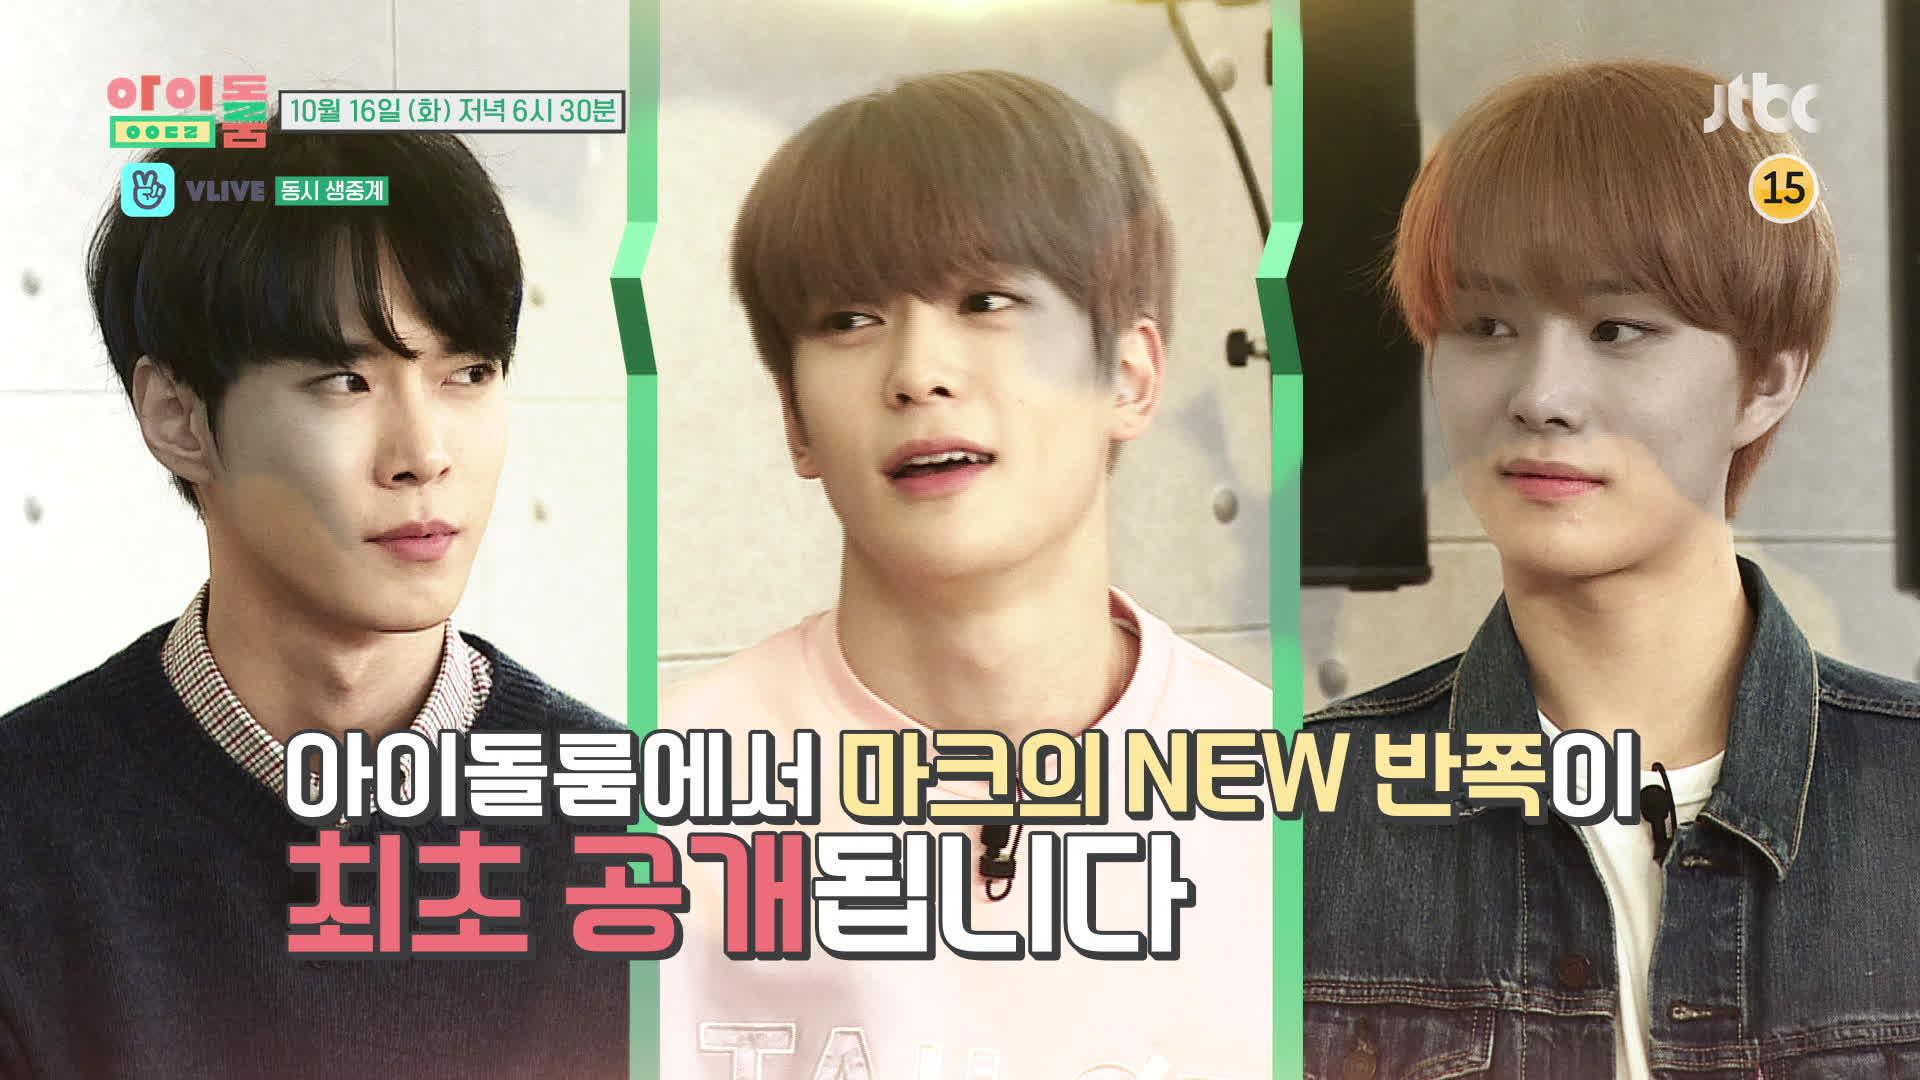 <아이돌룸> 23회 예고 - 아이돌 가정방문 제 2탄, SM의 미래 NCT 127이다!